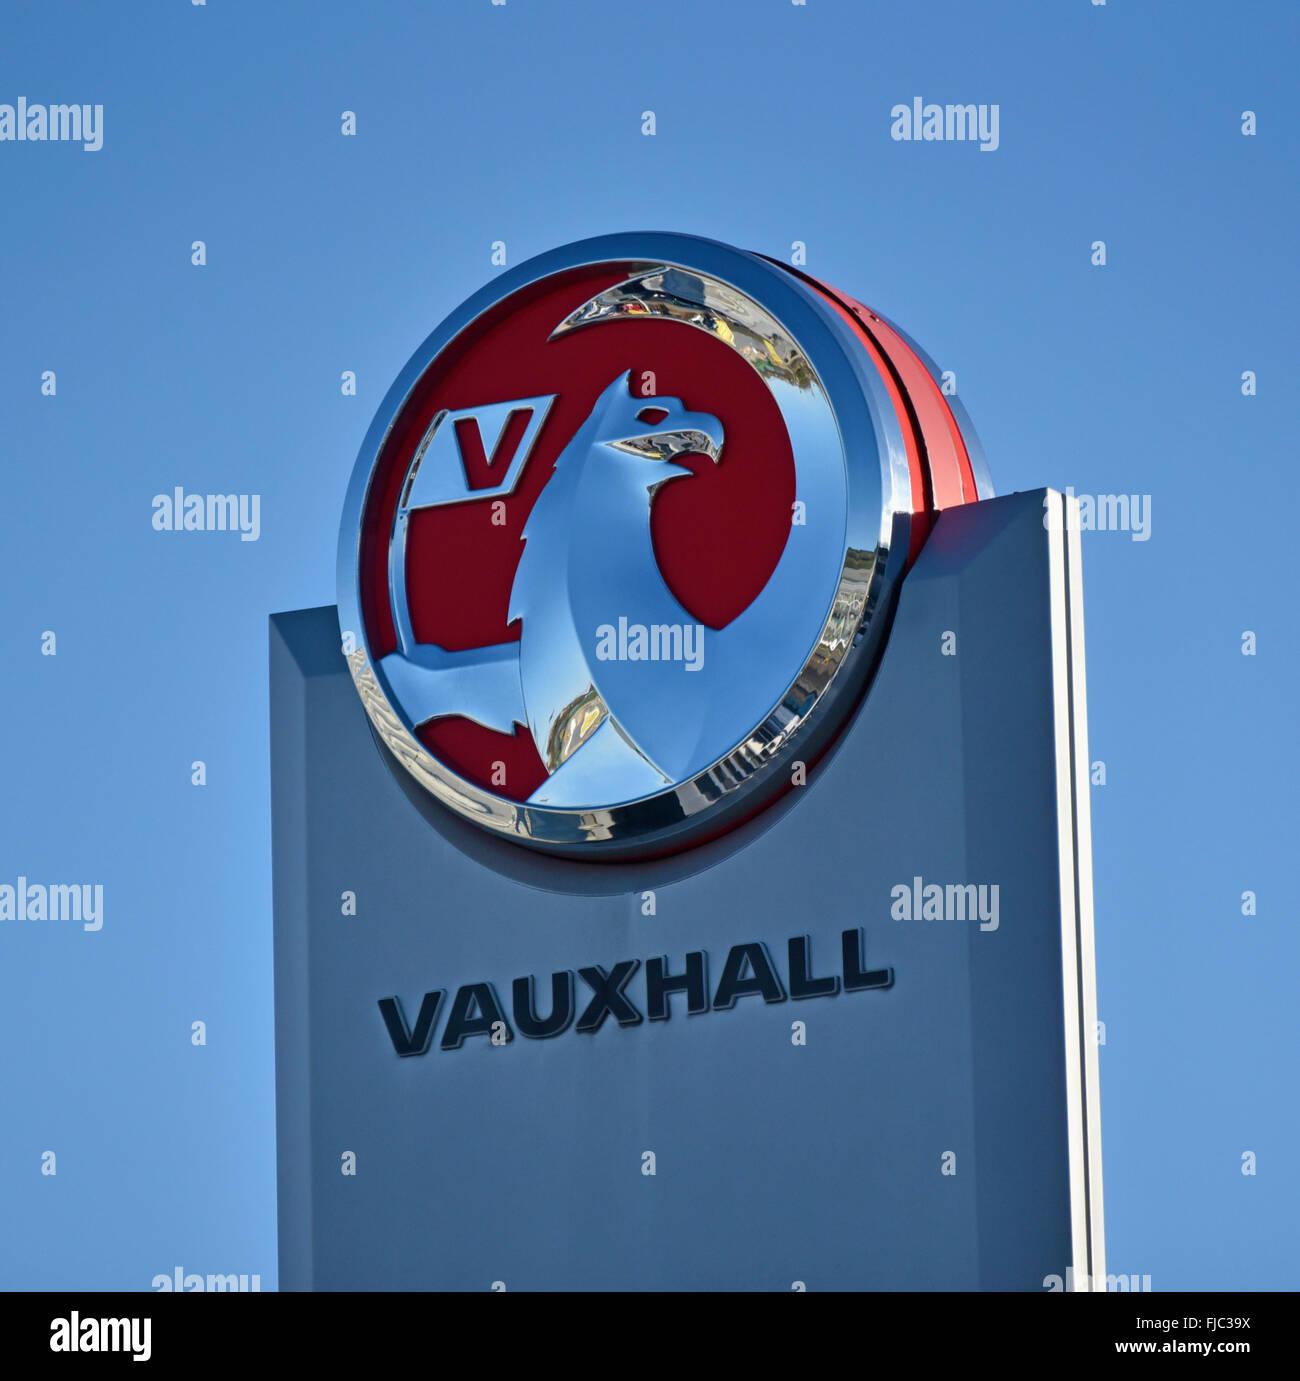 Vauxhall Motors logo at dealership. Kendal, Cumbria, England, United Kingdom, Europe. - Stock Image